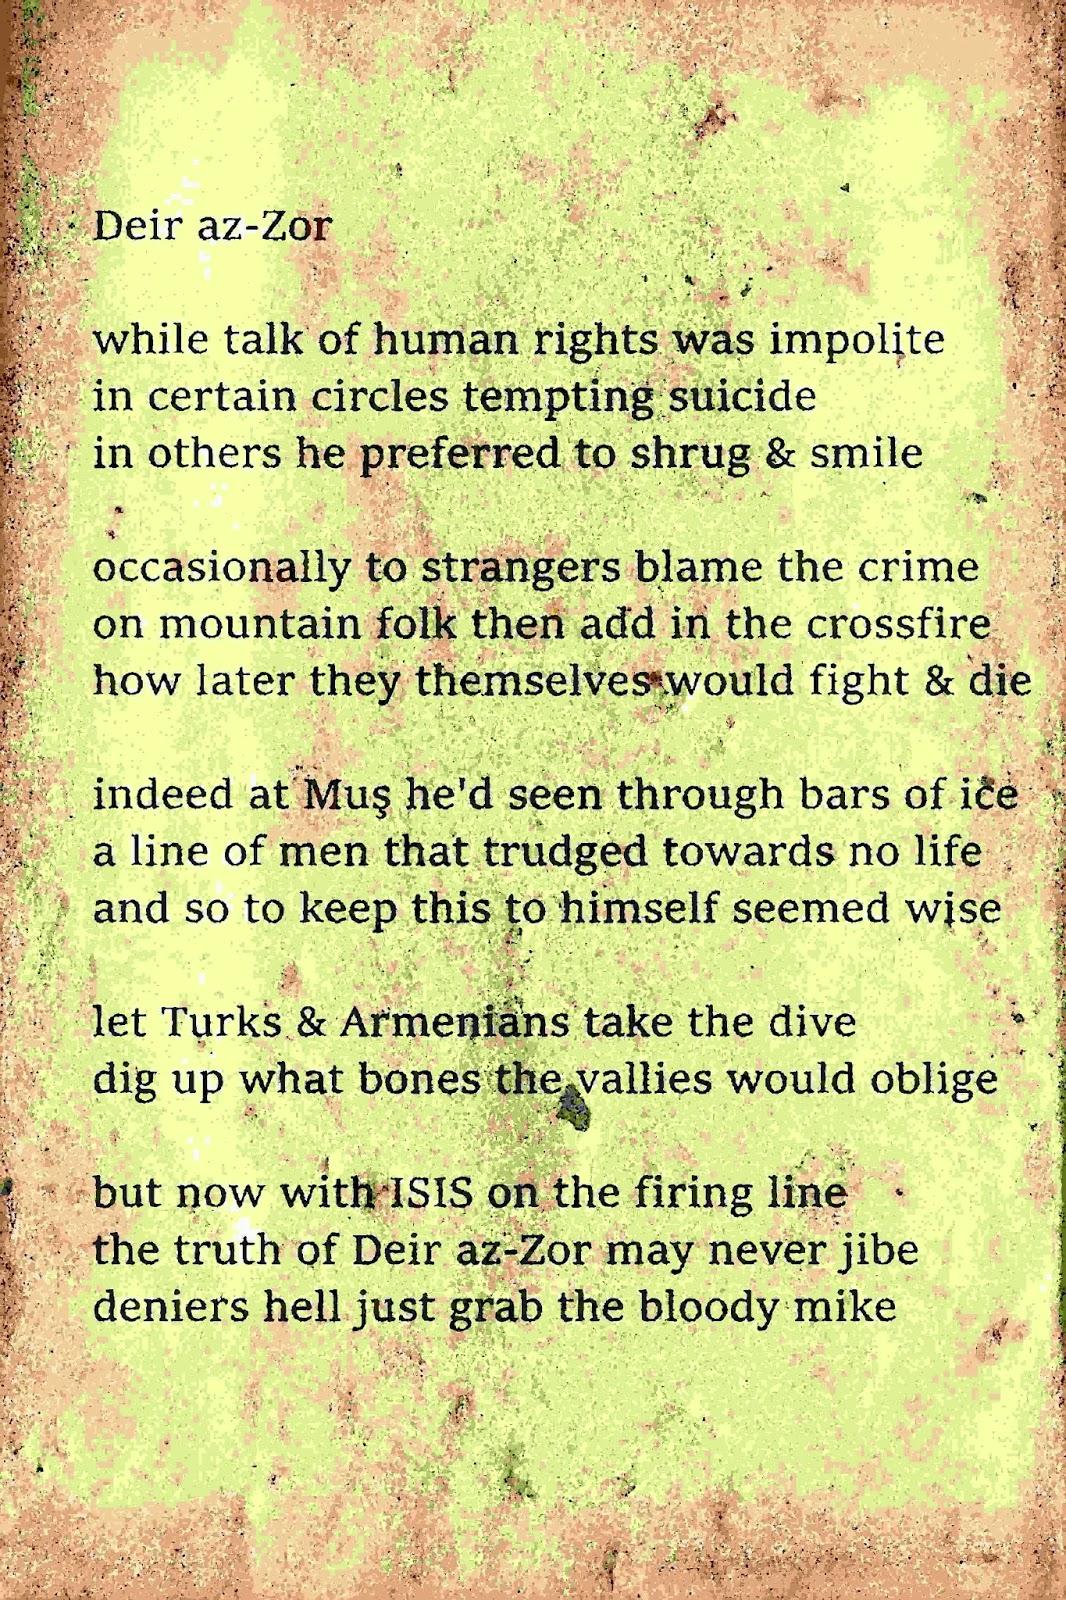 Deir az-Zor